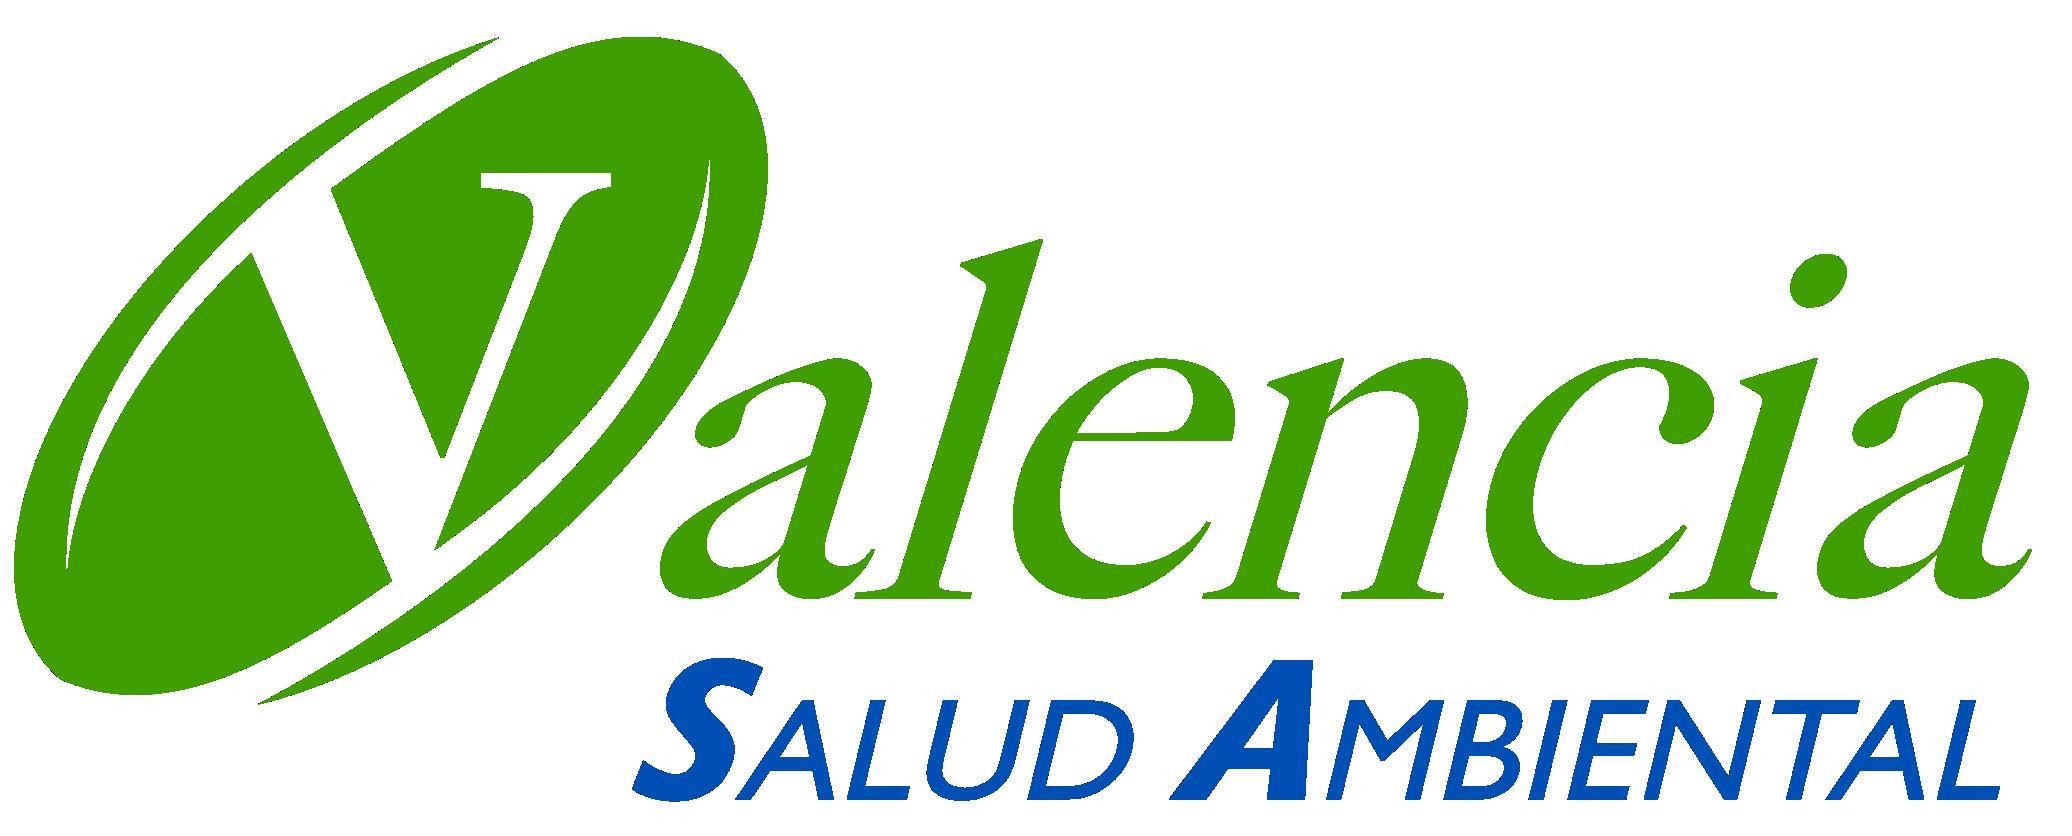 Valencia Salud Ambiental